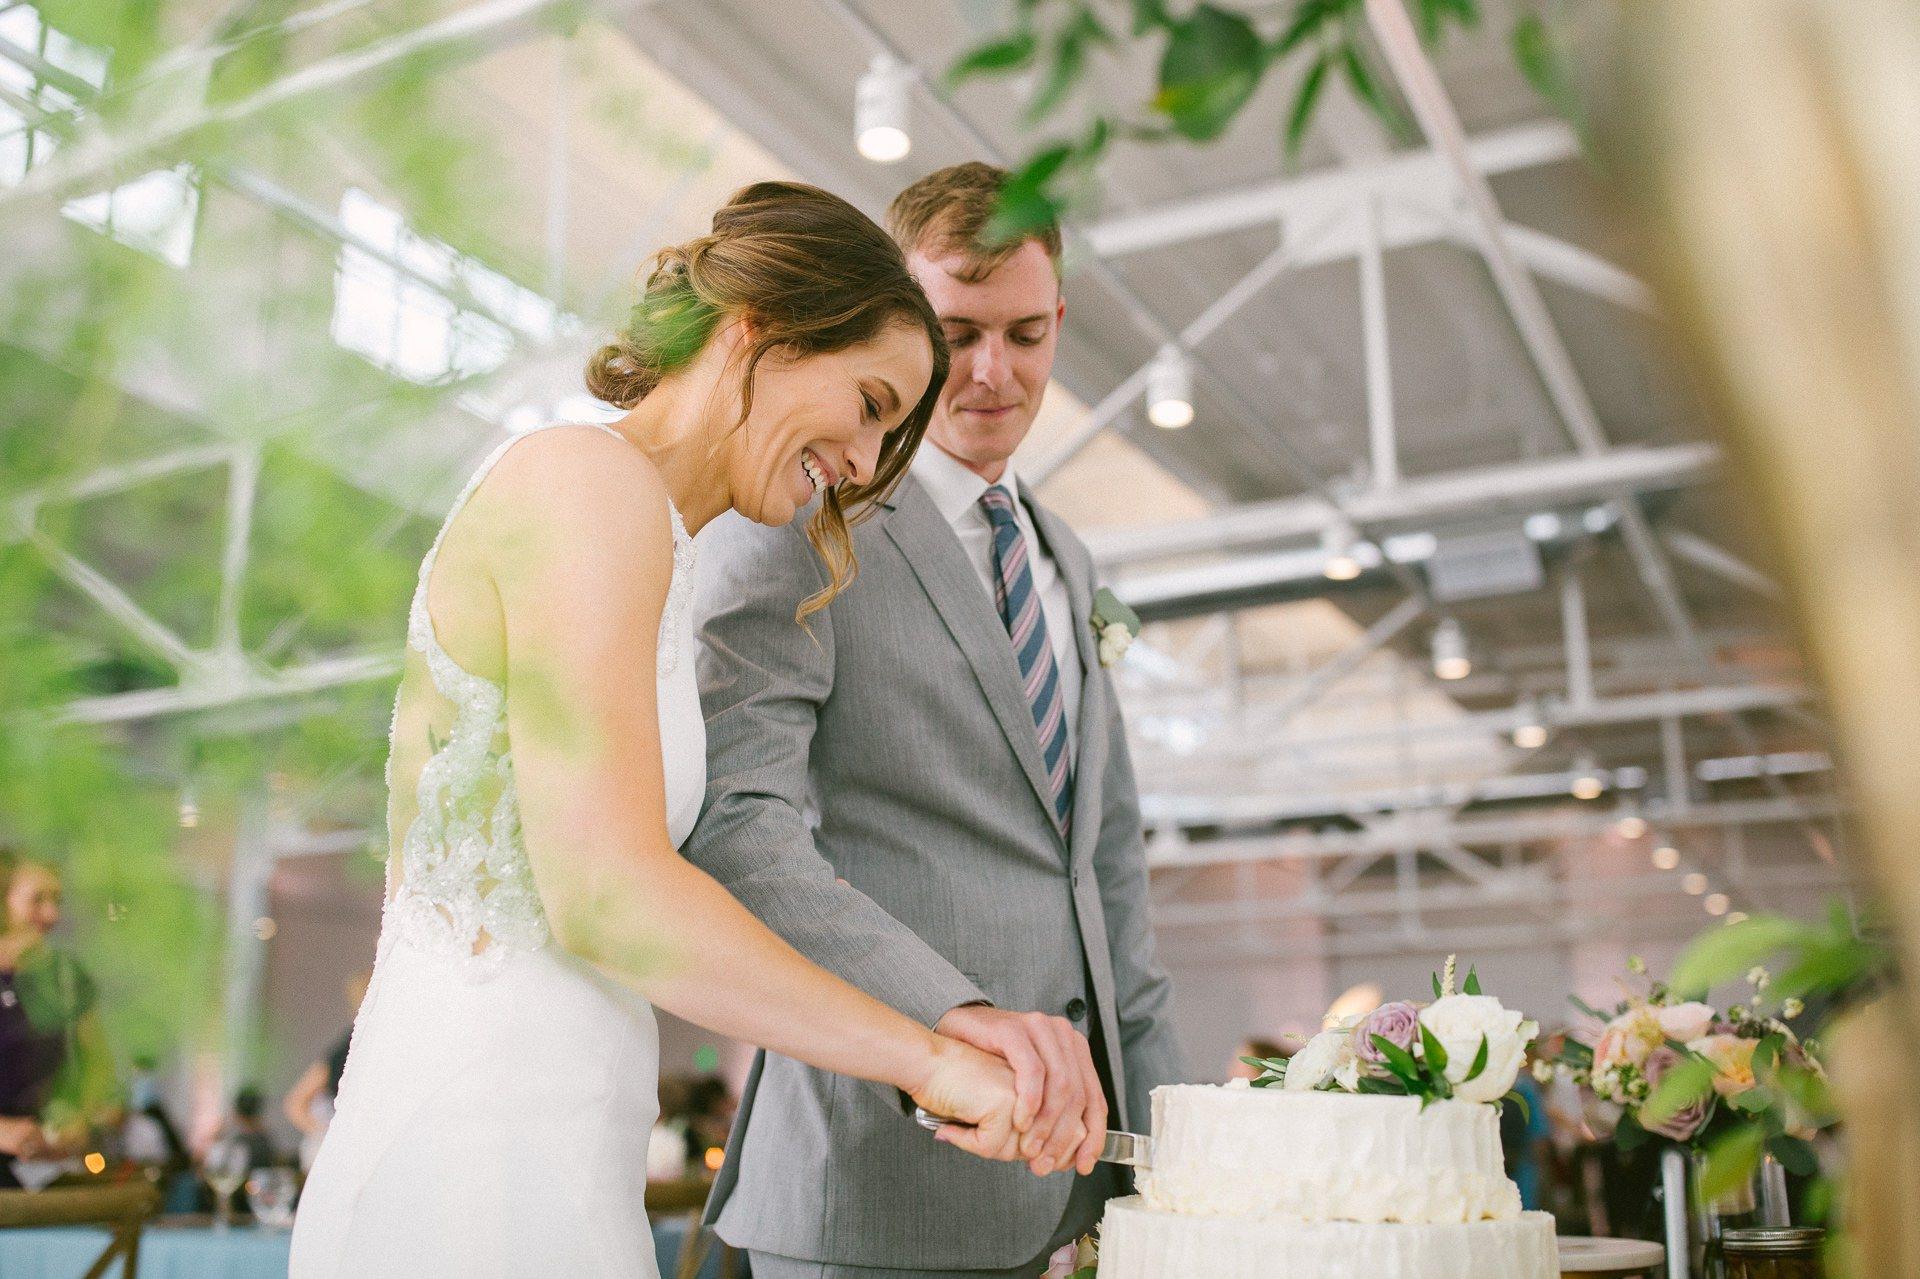 The Madison Wedding Venue Cleveland Wedding Photographer 00220.JPG